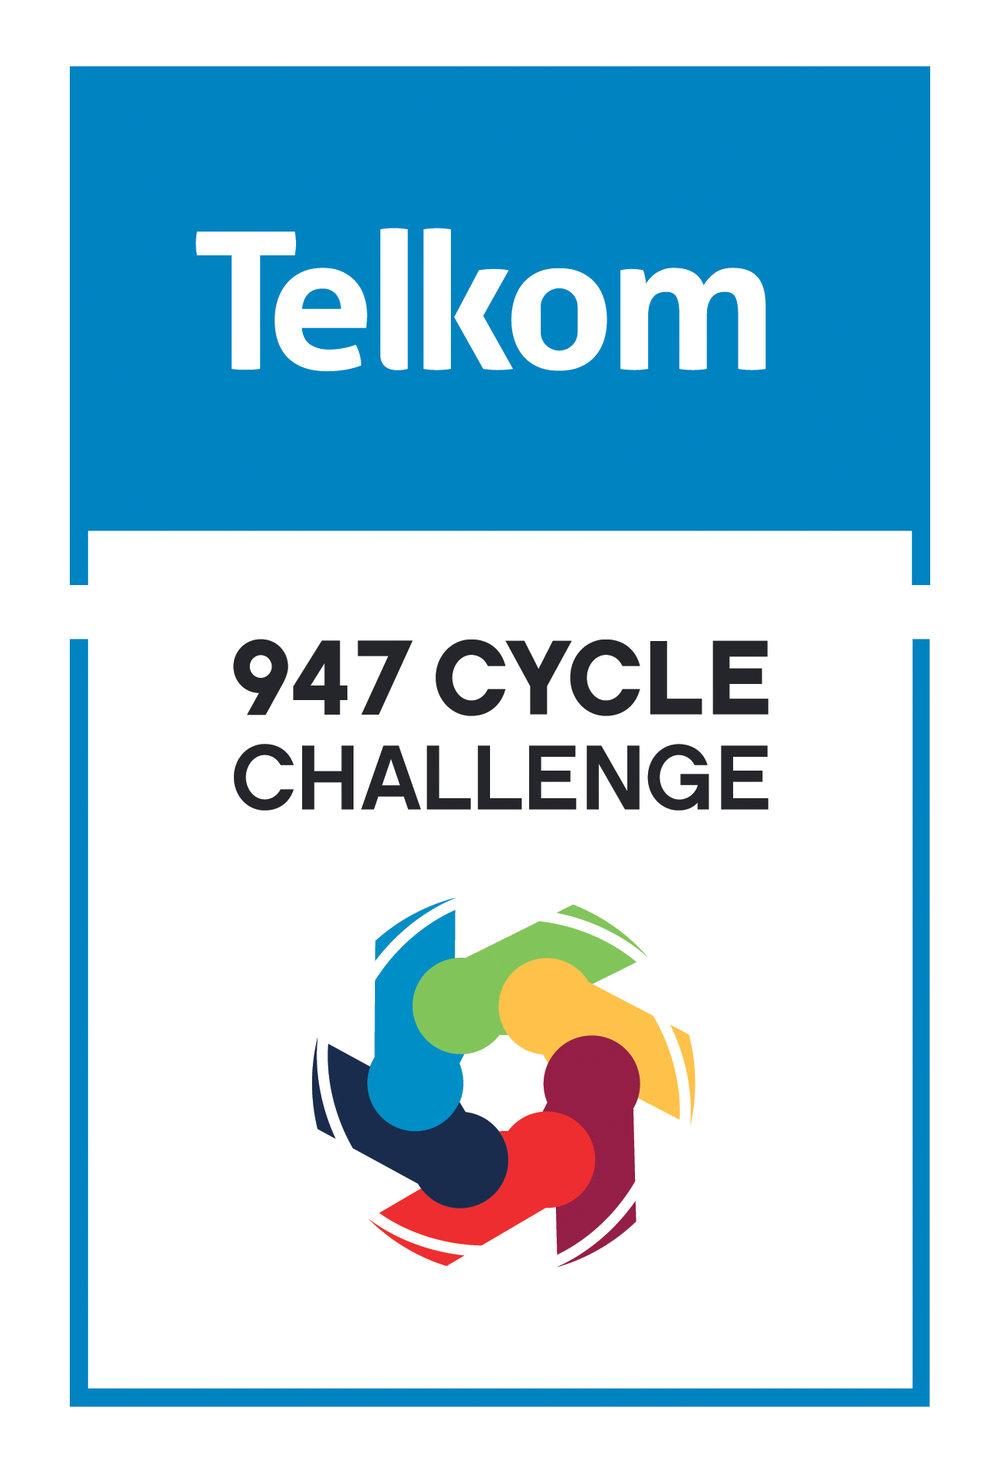 telkom_947_logo.jpg